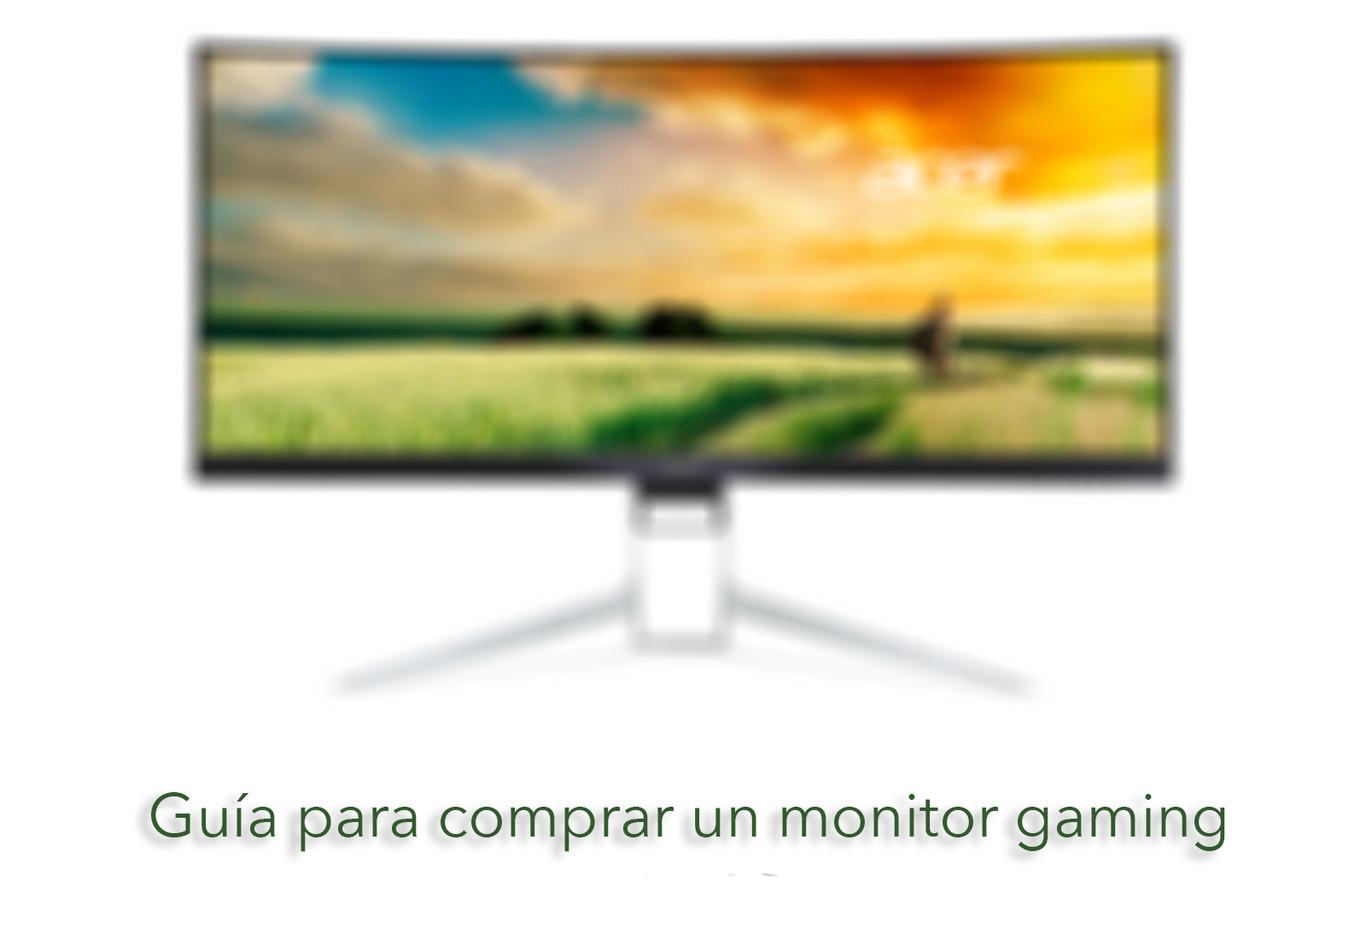 399313a88bff7 ¿Pensando en comprar un monitor gaming  Estas son algunas de las  características que conviene tener en cuenta